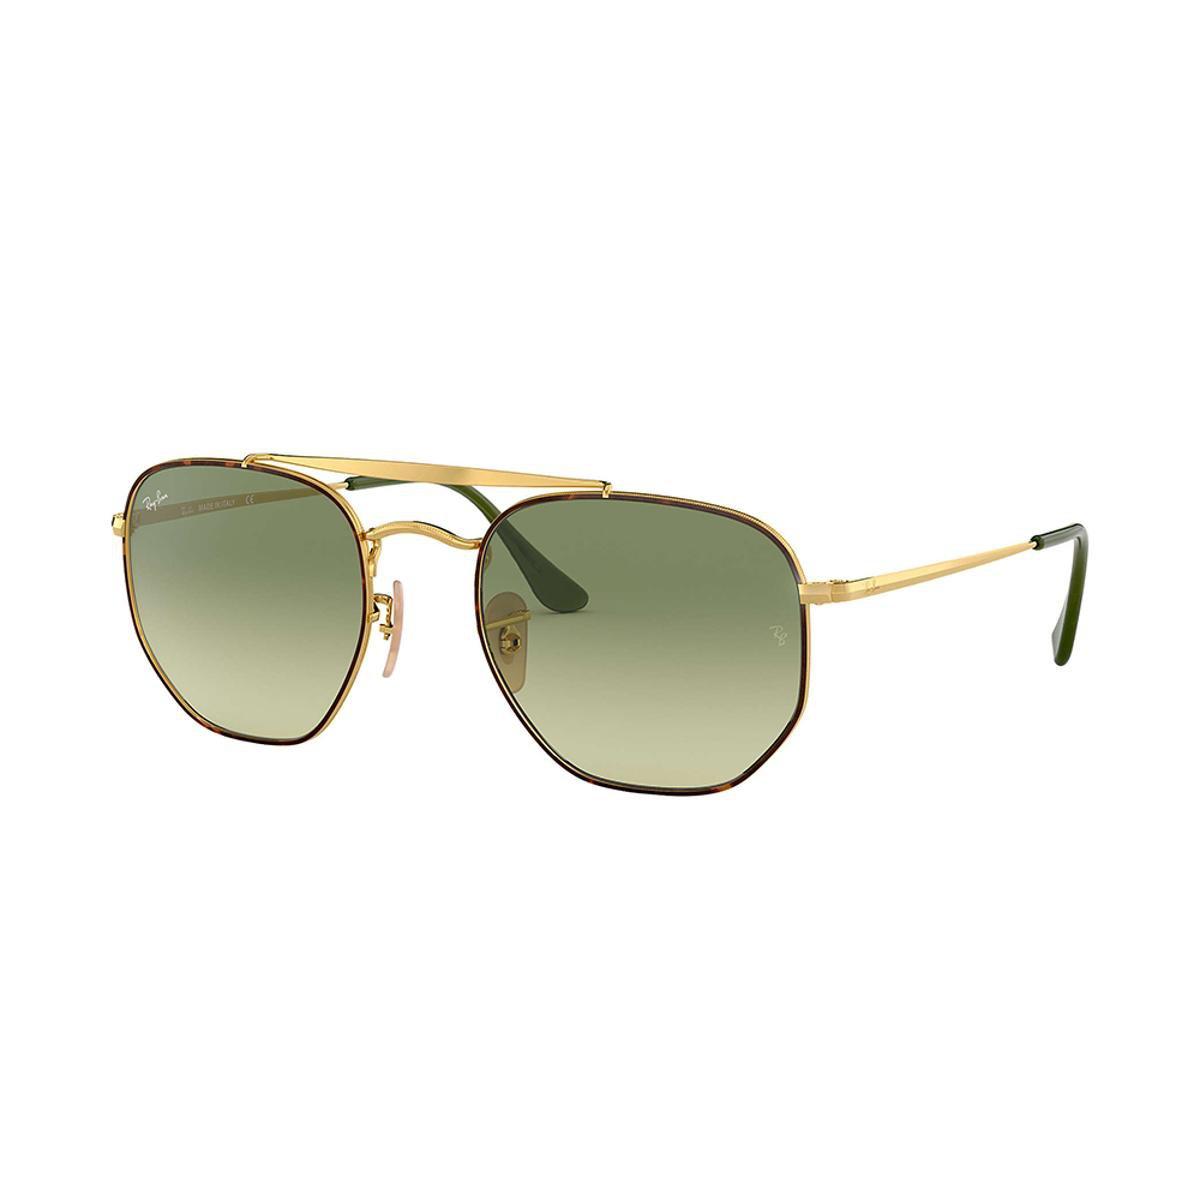 27c1fed624aa1 Óculos de Sol Ray-Ban Rb3648 Masculino - Dourado - Compre Agora ...